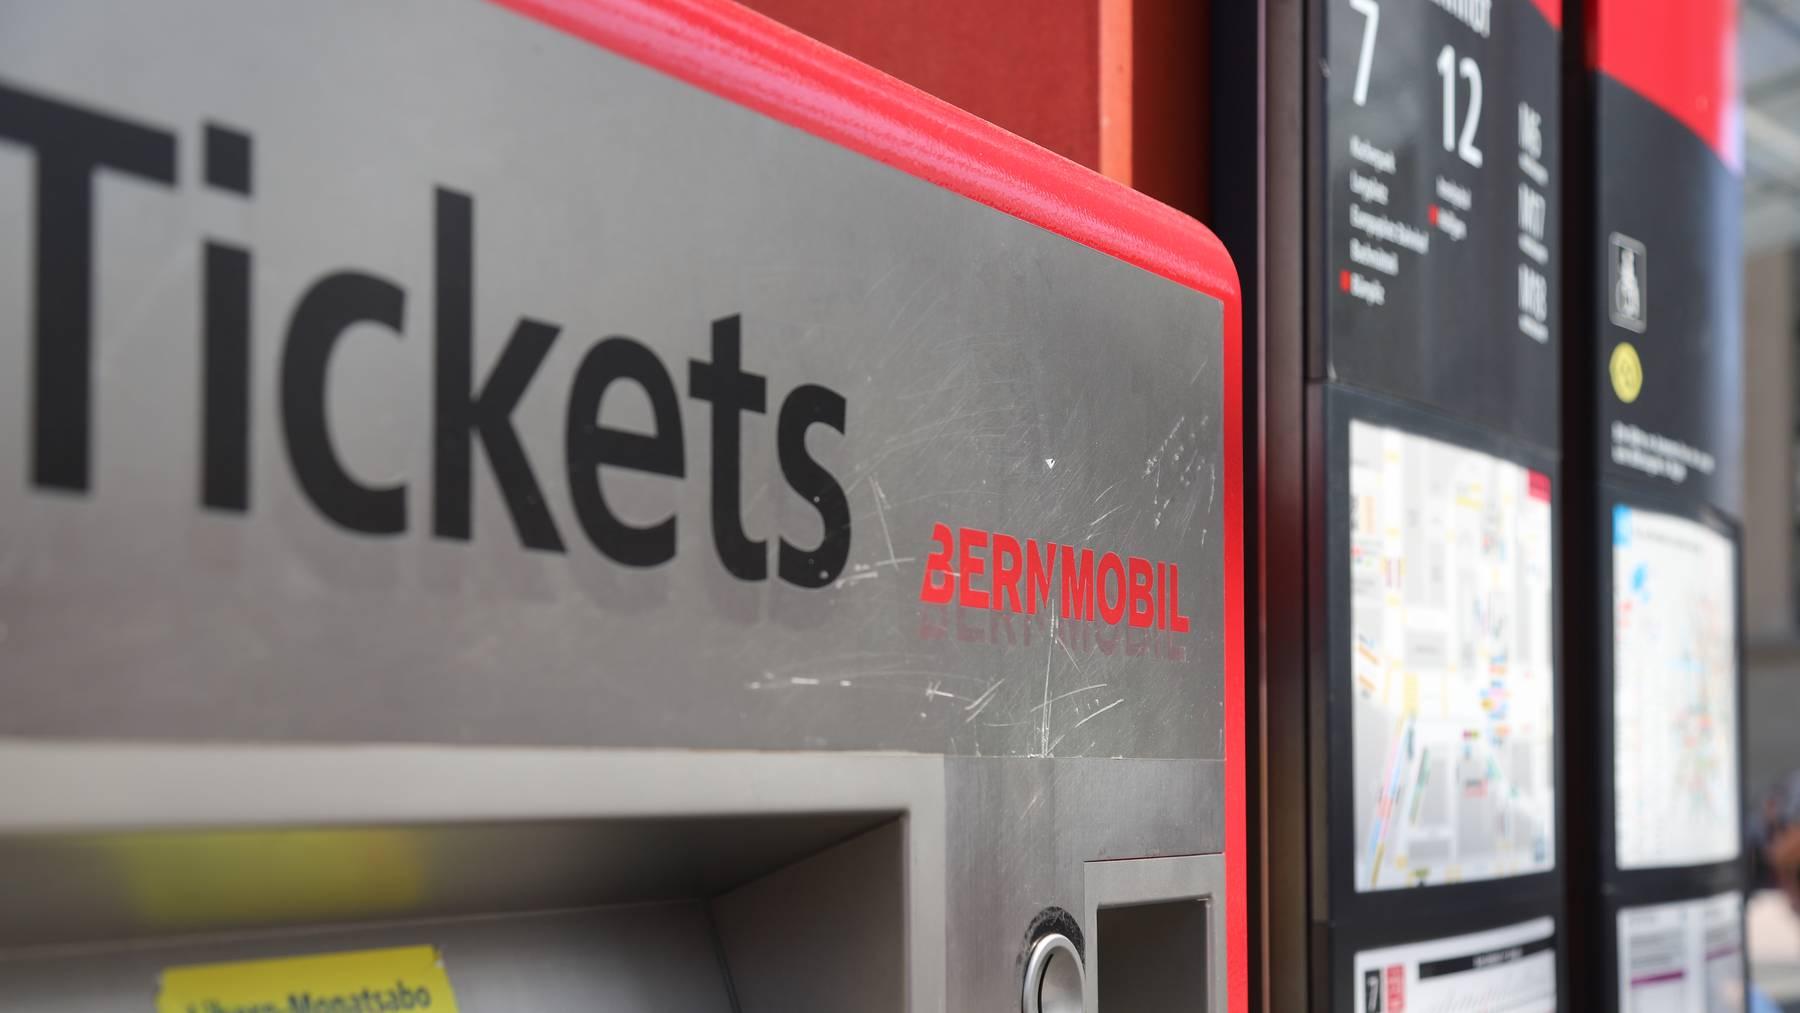 Bernmobil_Ticketautomat_Bus_Tram_ÖV_rb1